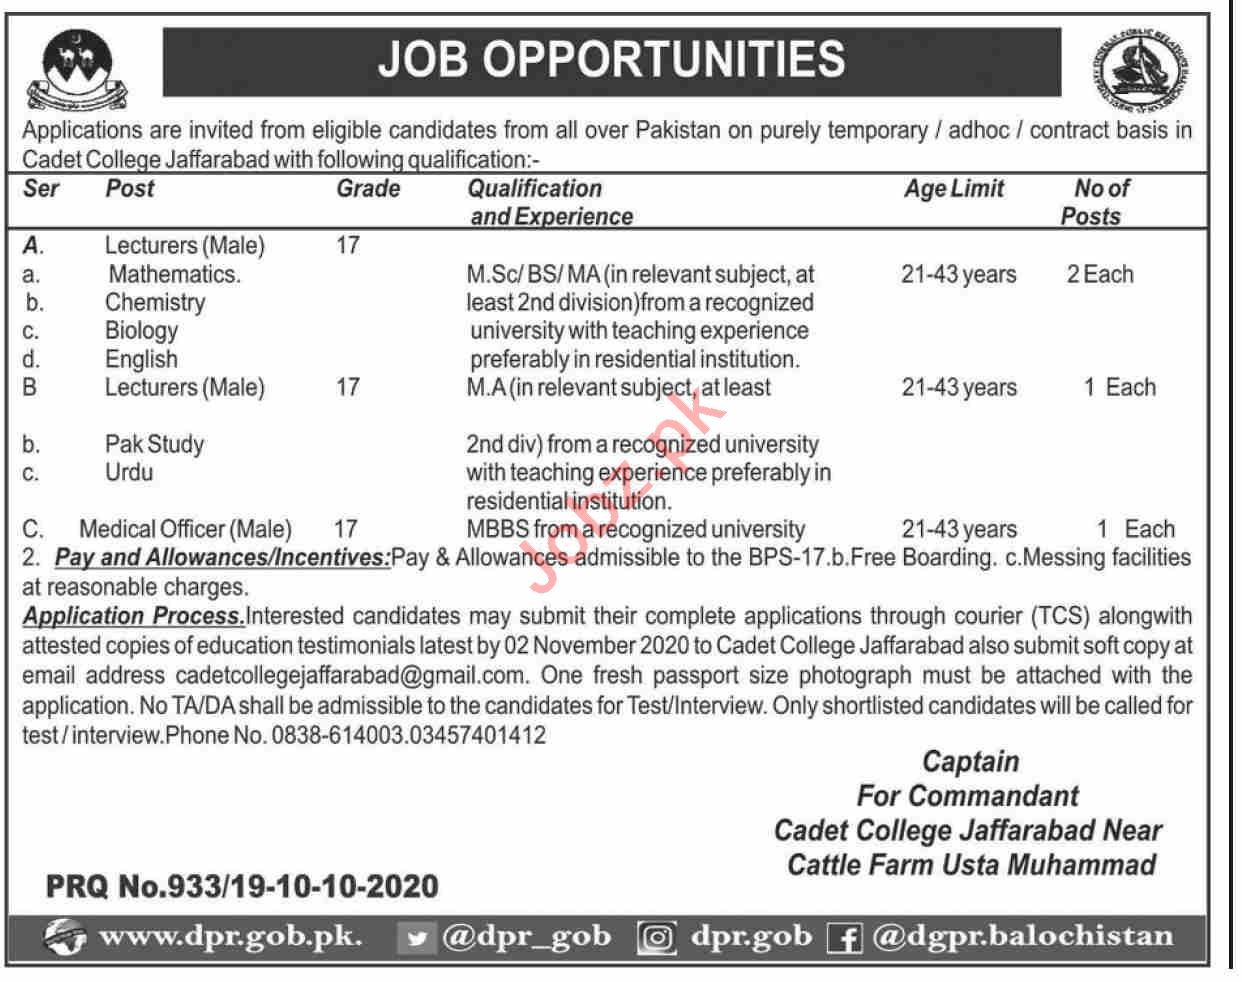 Cadet College Jaffarabad CCJ Jobs 2020 for Lecturers